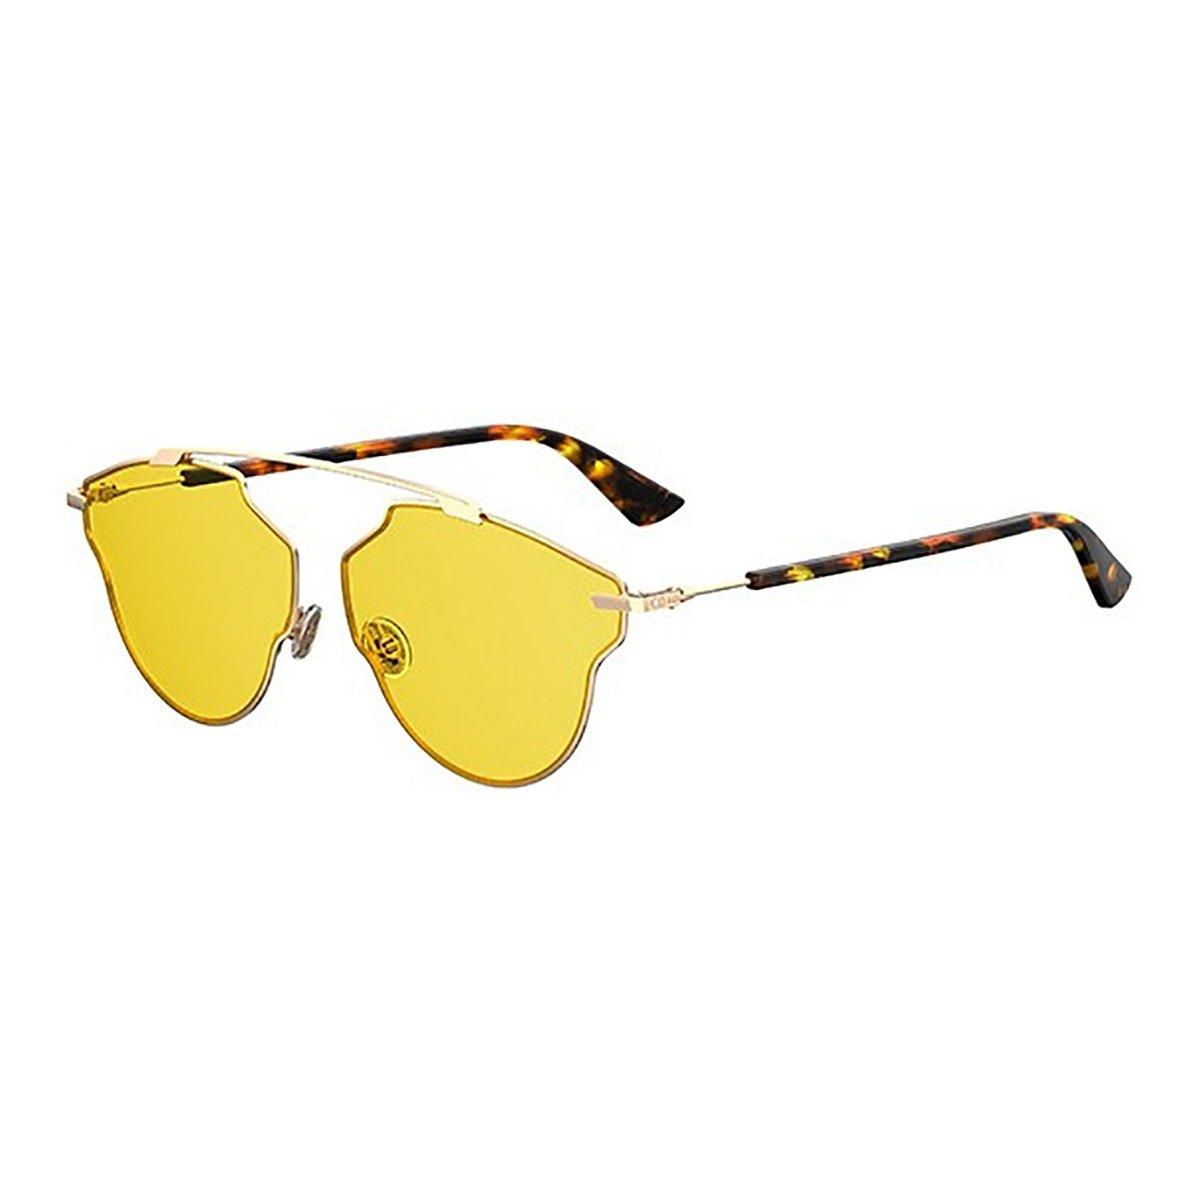 ... Compre Óculos de Sol Dior Soreal em 10X Tri-Jóia Shop 9436e8cb1fd6f3 ... e1d454129a